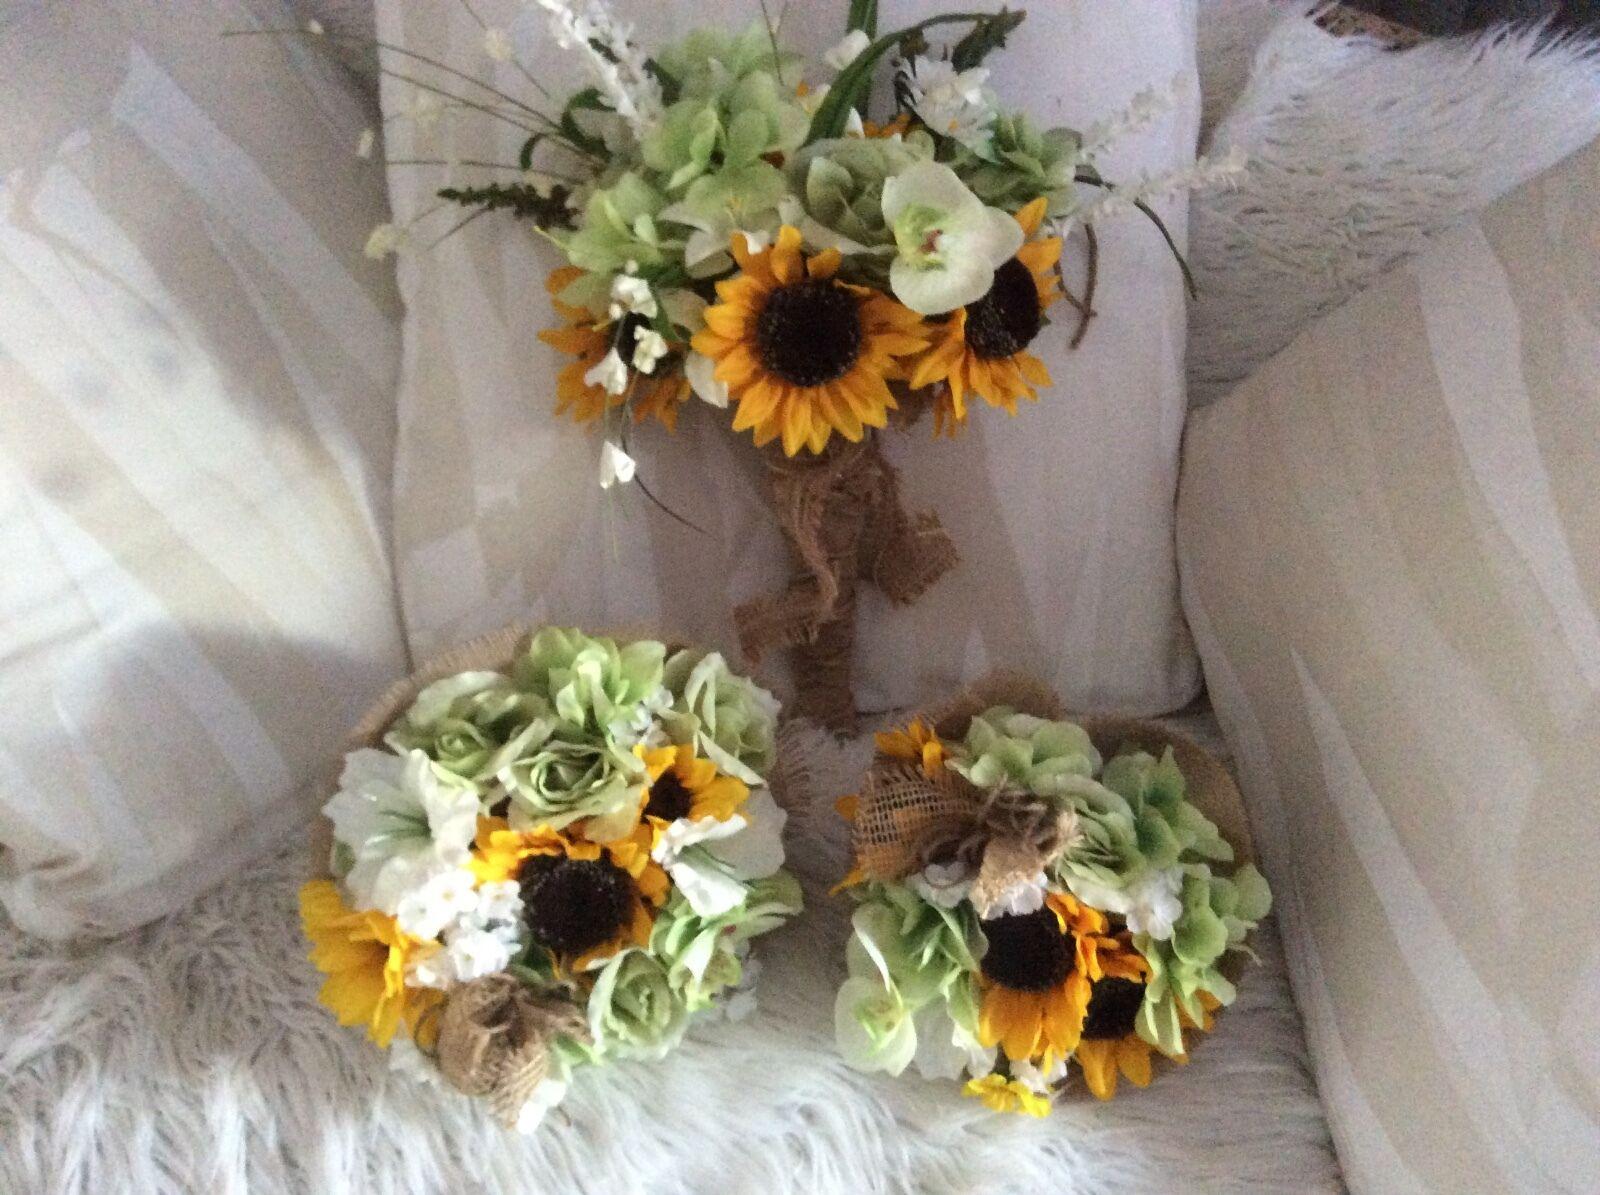 Mariage Fleurs Bouquet de mariée Fleur Paquet Tournesols